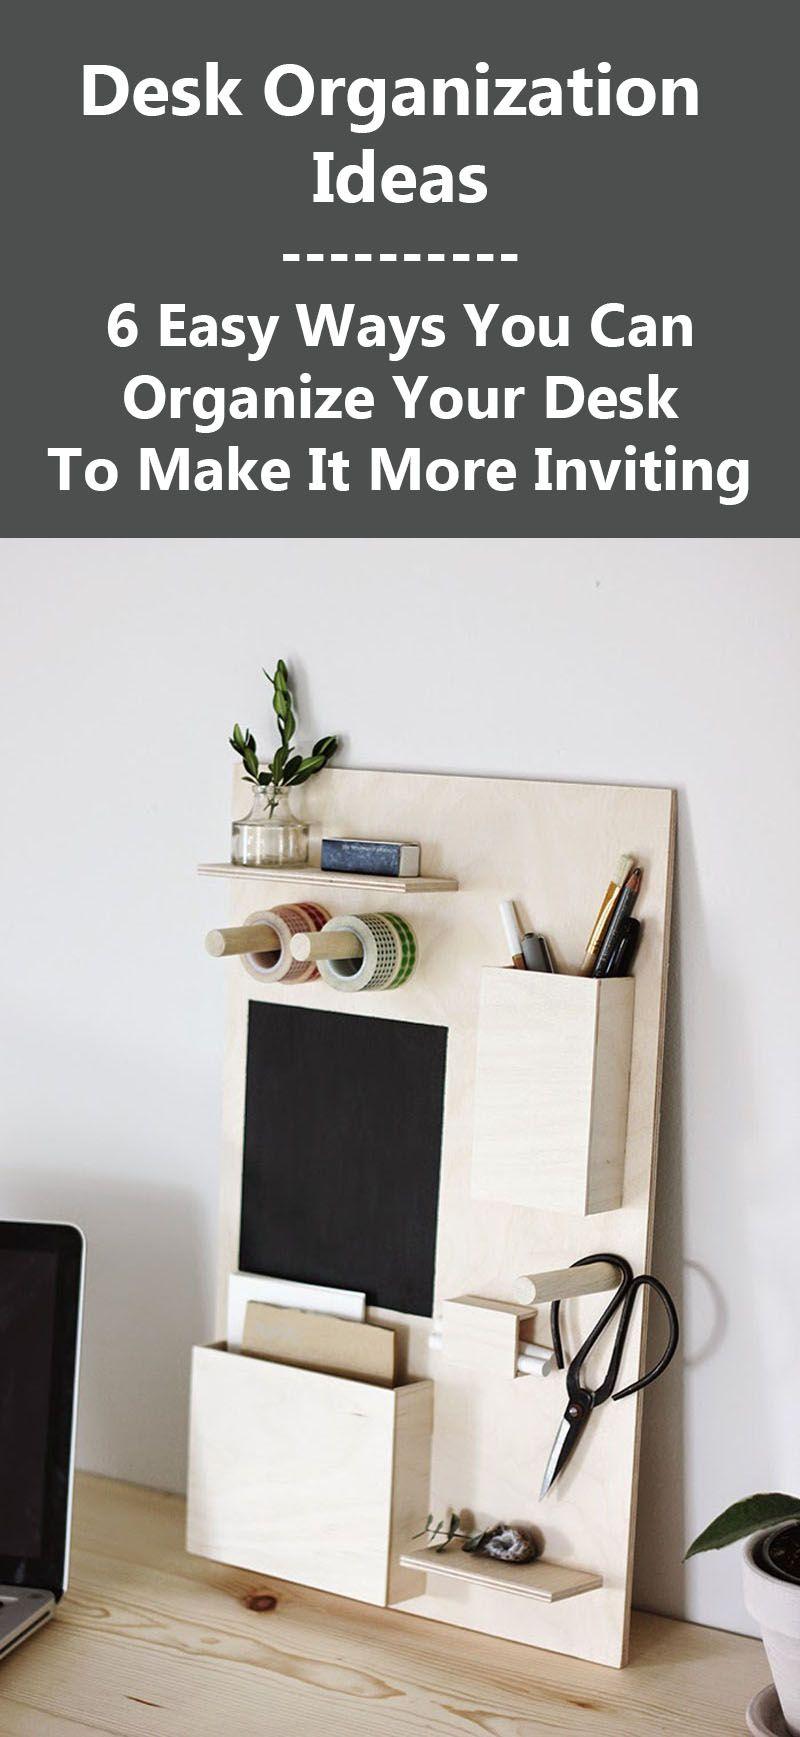 Desk Organization Desk Organization Ideas 6 Easy Ways You Can Organize Your Desk